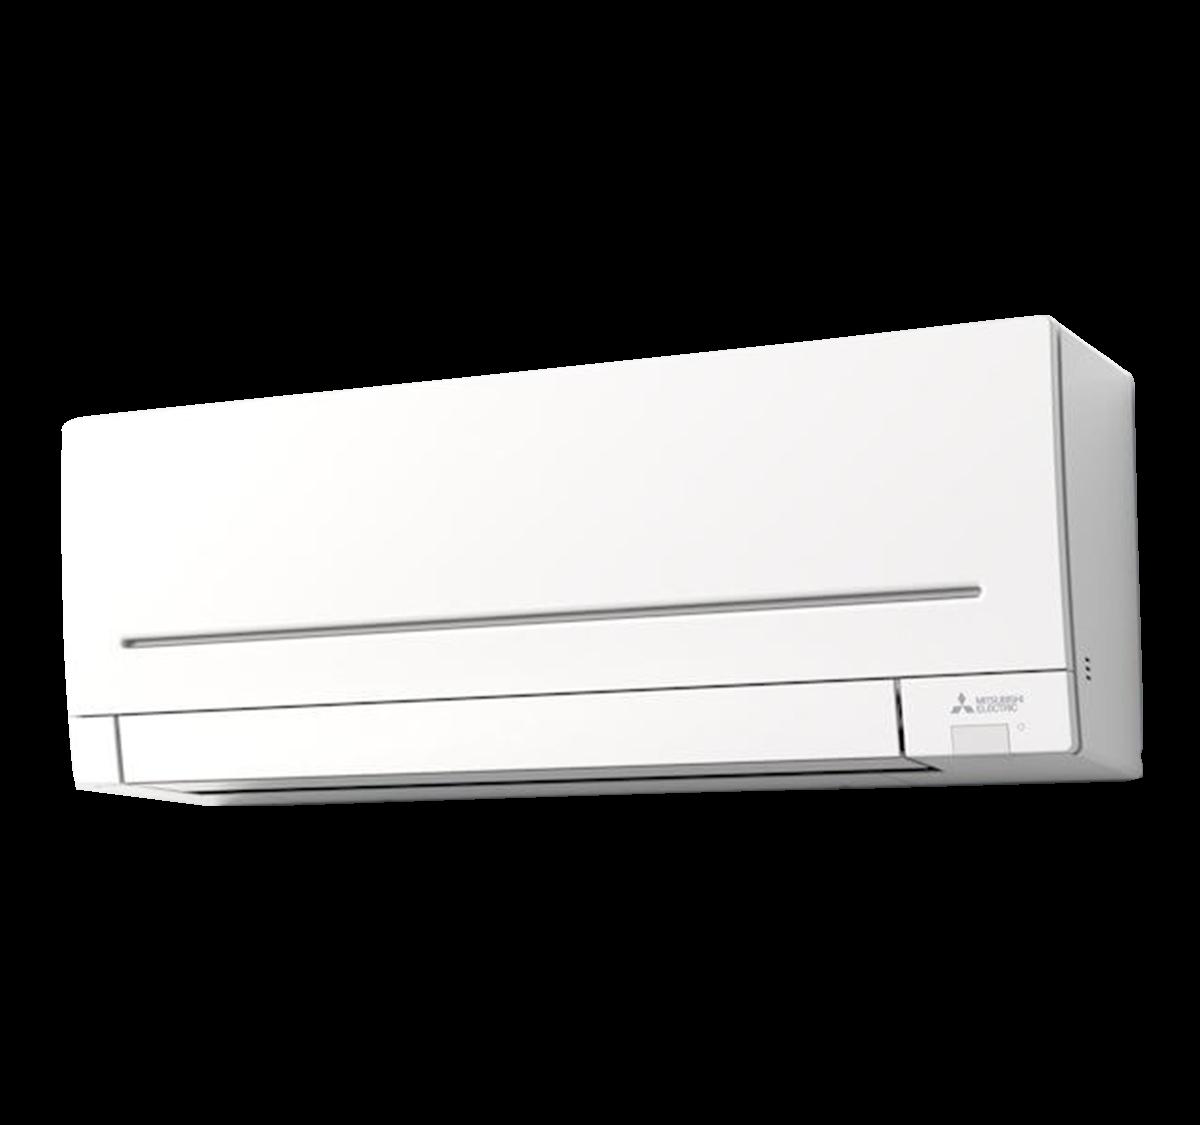 aire acondicionado unidad interior mitsubishi electric inverter msz ap25vg serie msz ap modelo msz ap25vg precio incluido en la instalacion caseragua